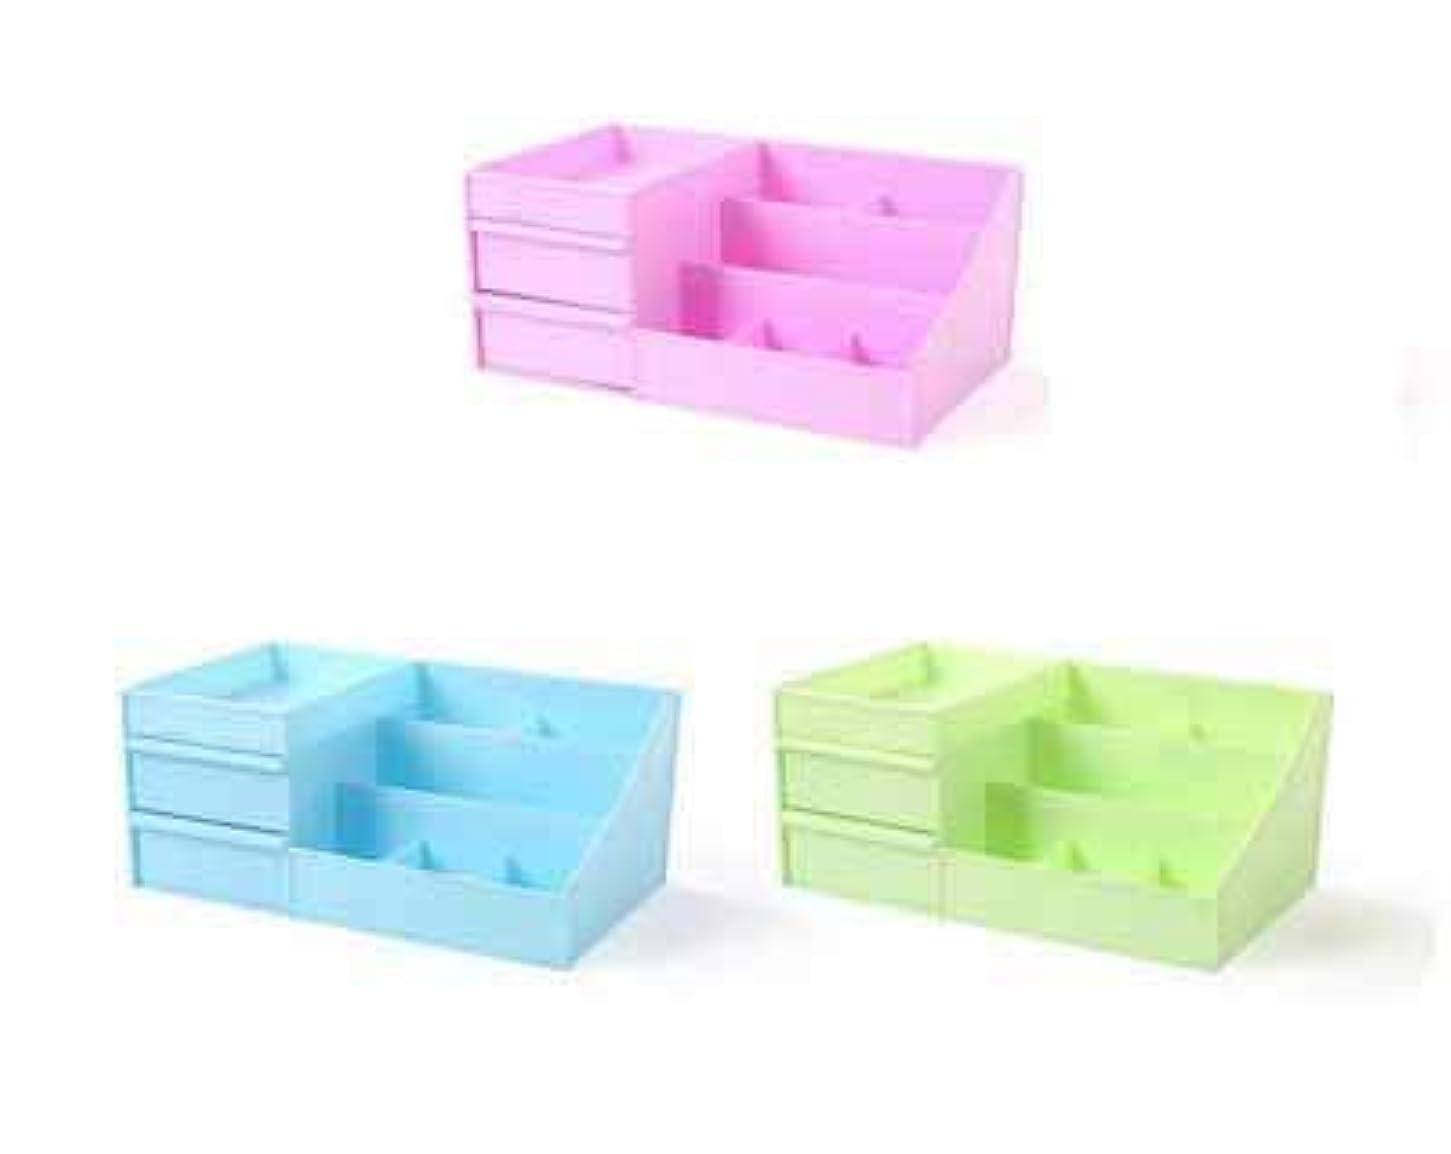 素晴らしきクリーナー窒素化粧品収納ボックスプラスチックの創造的な家庭用品デスクトップの破片の宝石箱大きな引き出し (Color : グリンー)